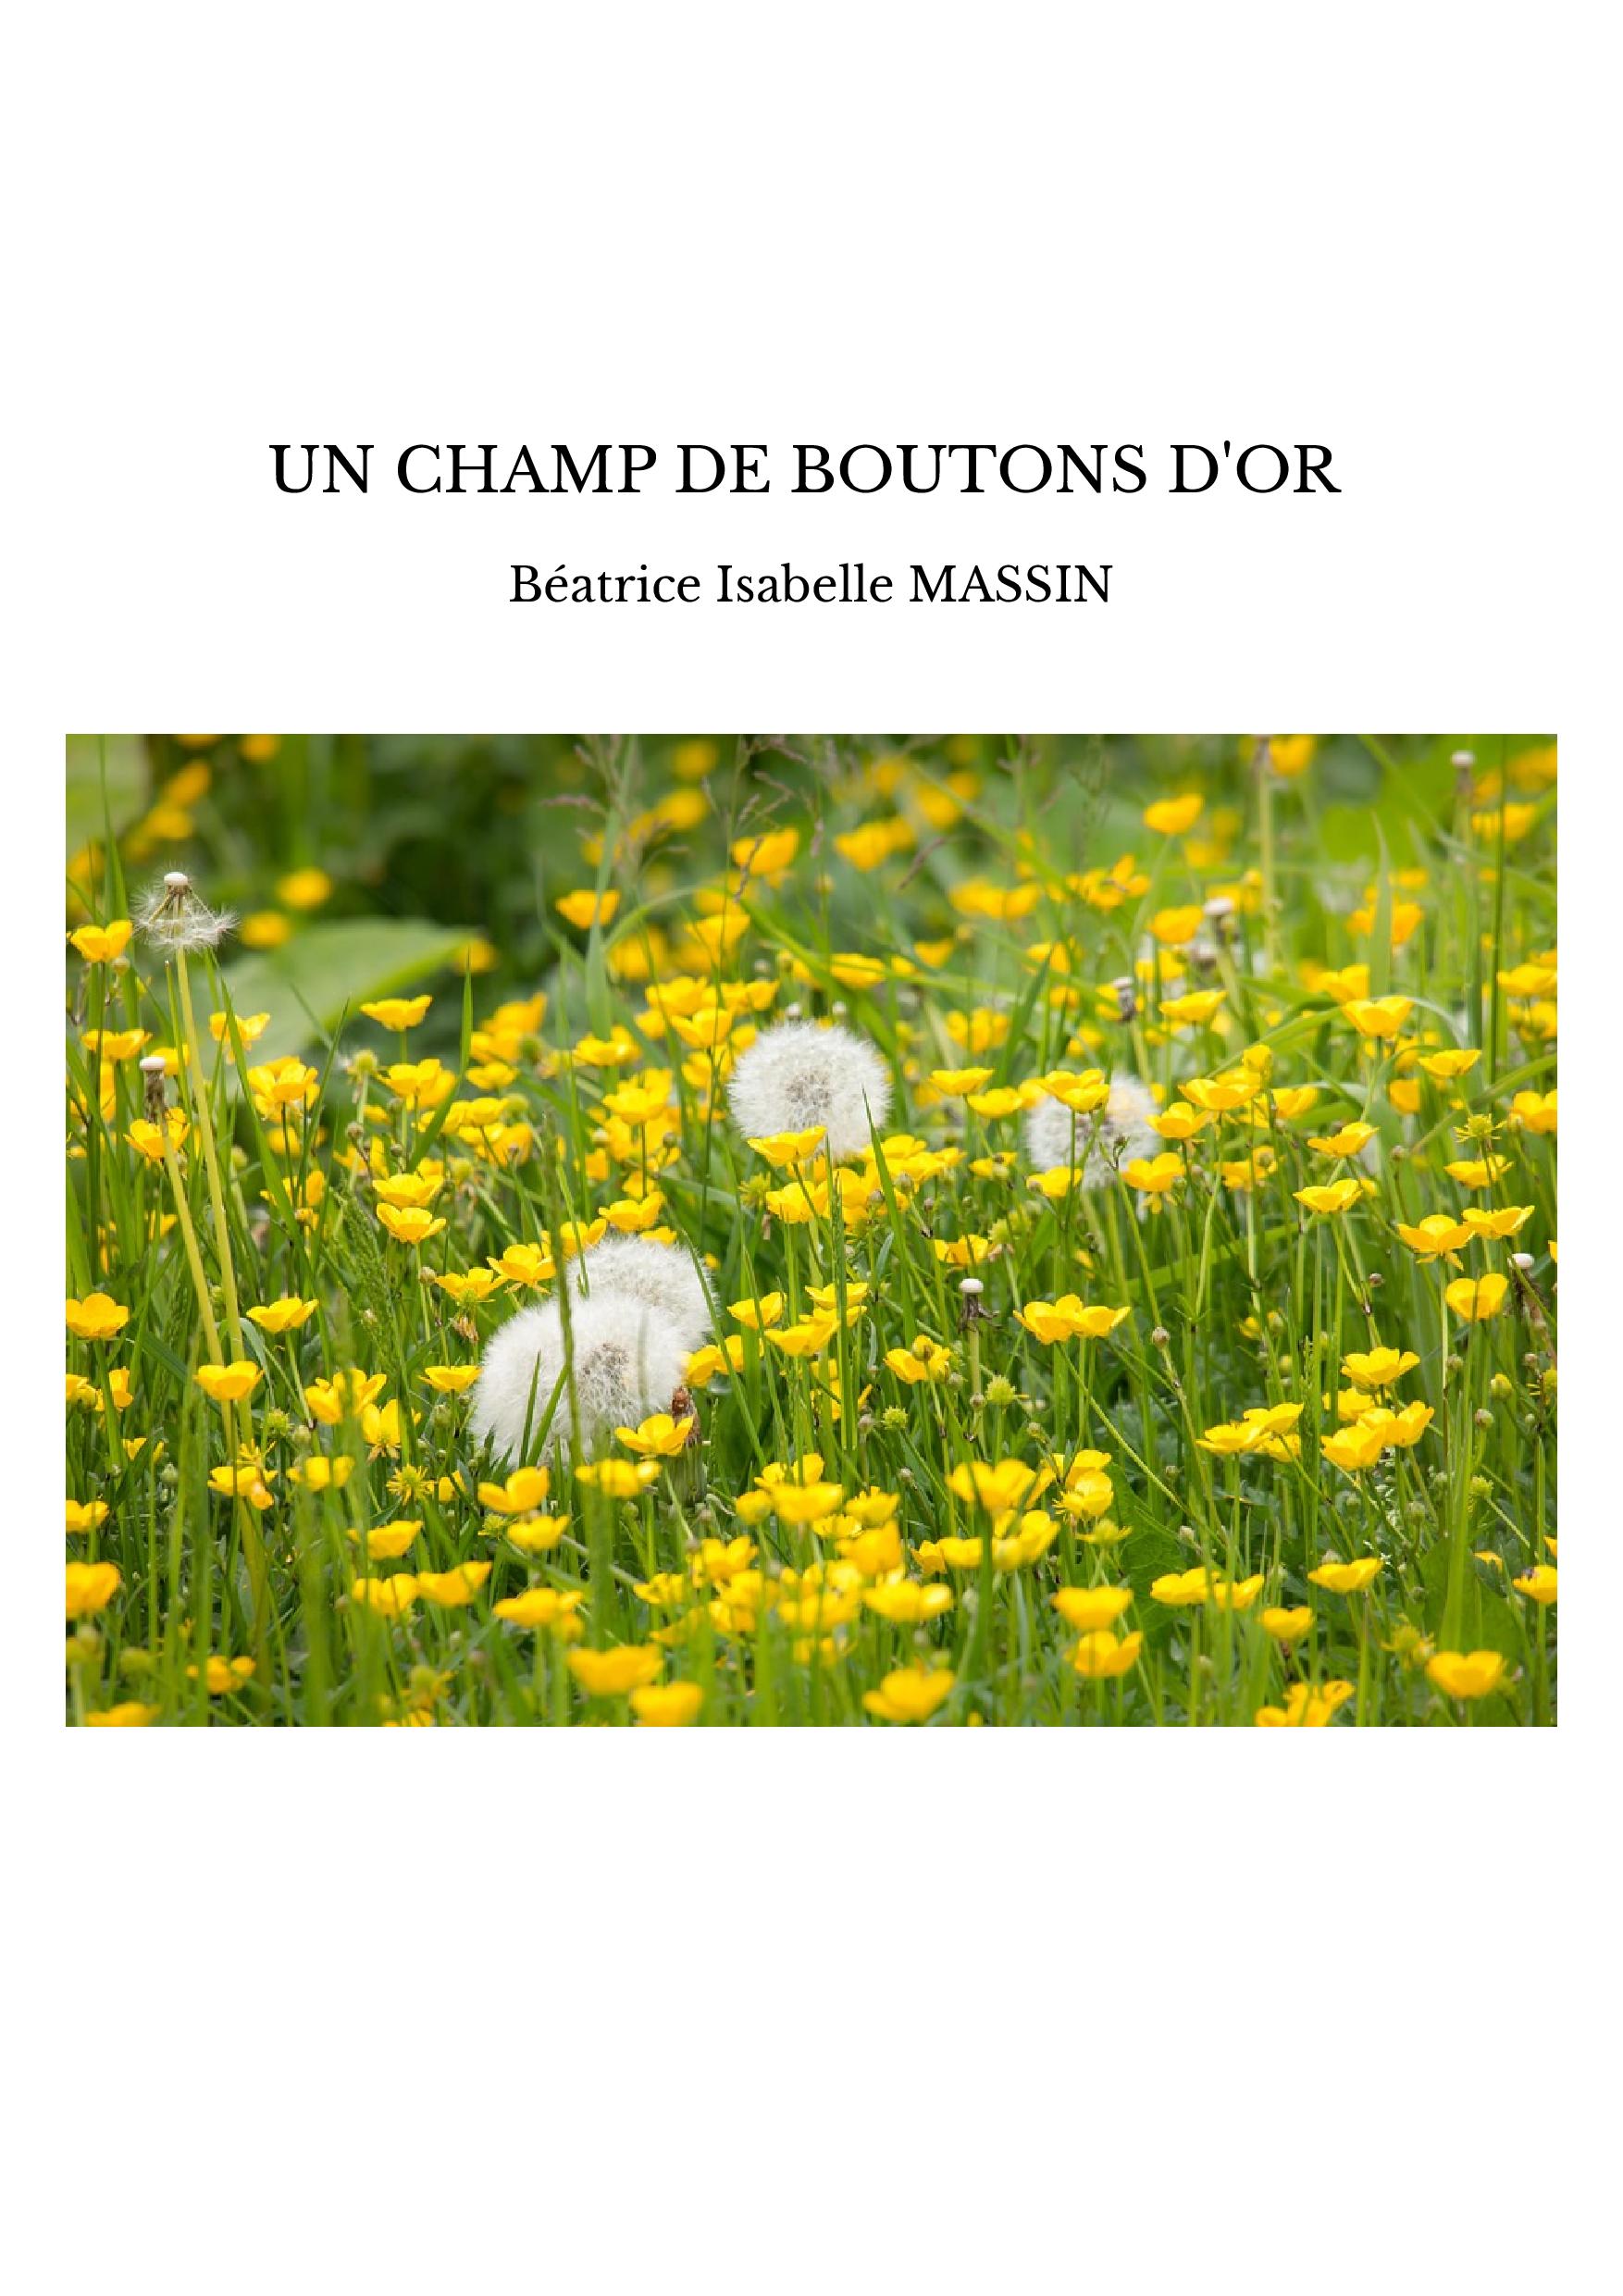 UN CHAMP DE BOUTONS D'OR